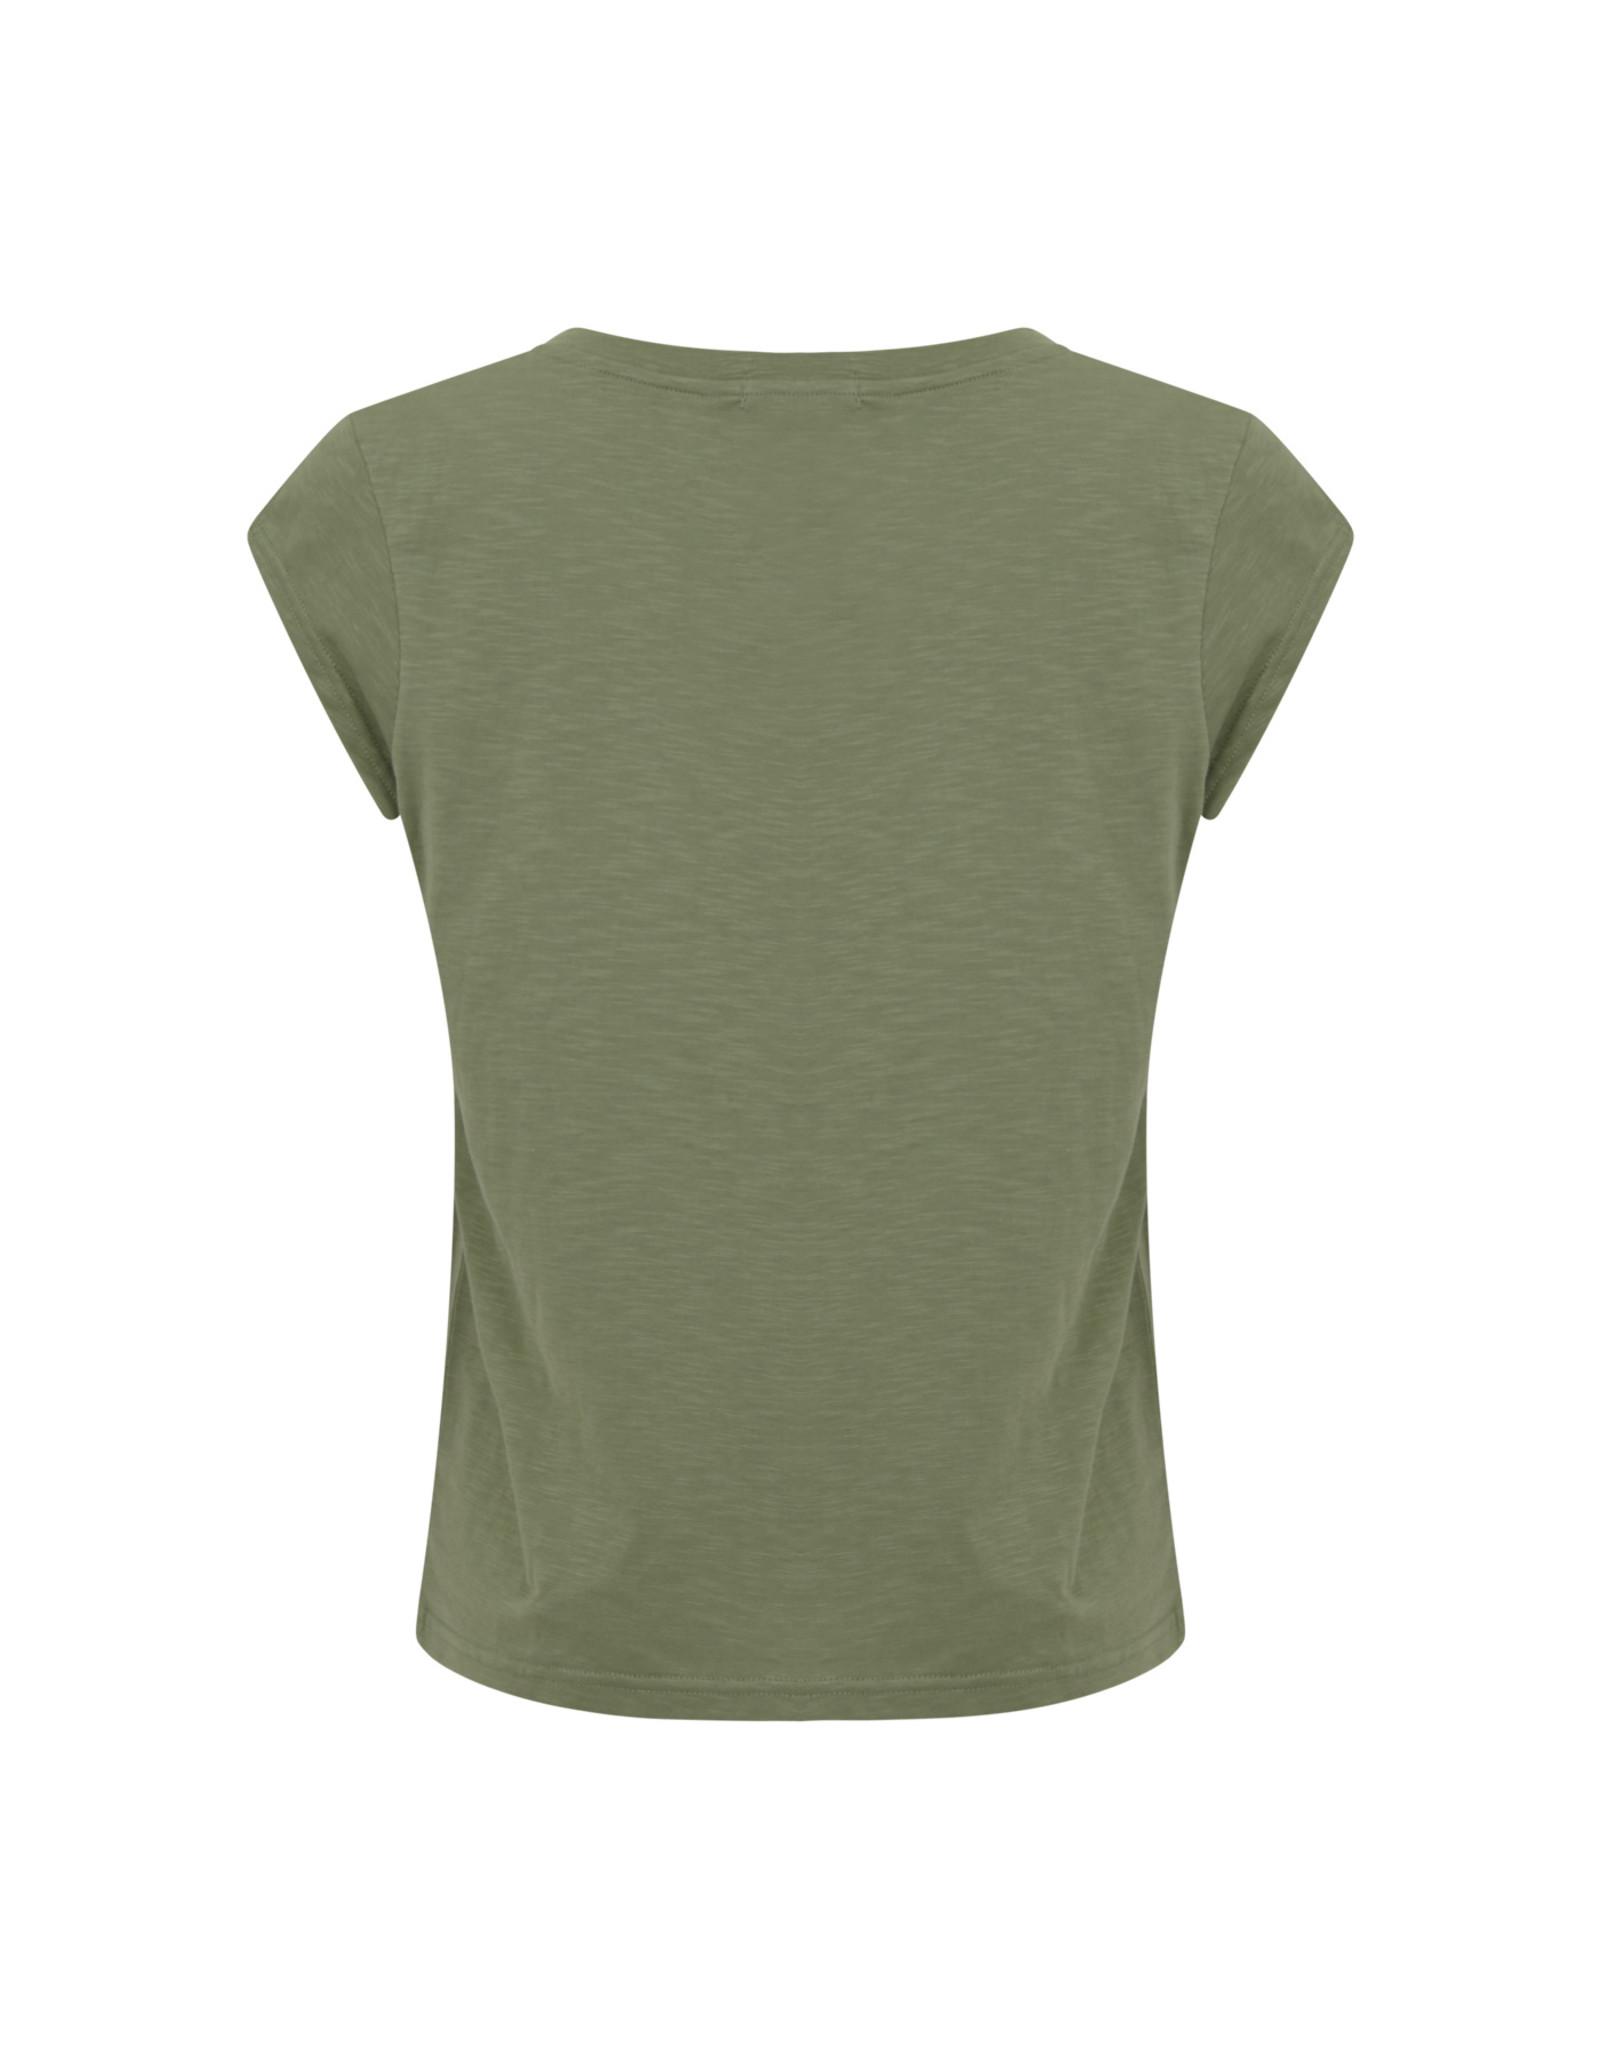 Coster Copenhagen T-shirt Flower green